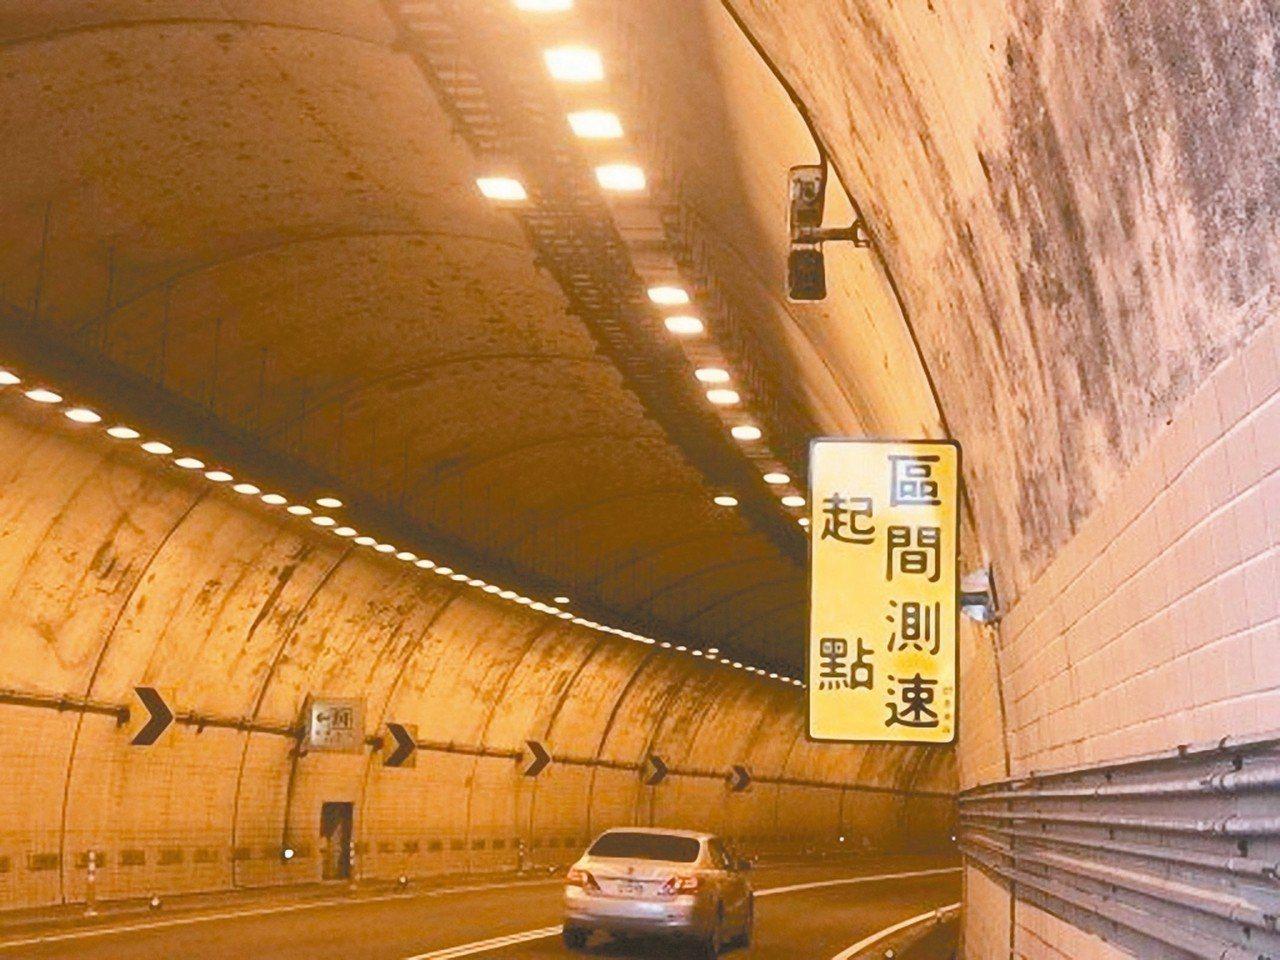 內萬里隧道改採區間平均速率科技執法後,超速率降低9成4。 圖/新北警方提供